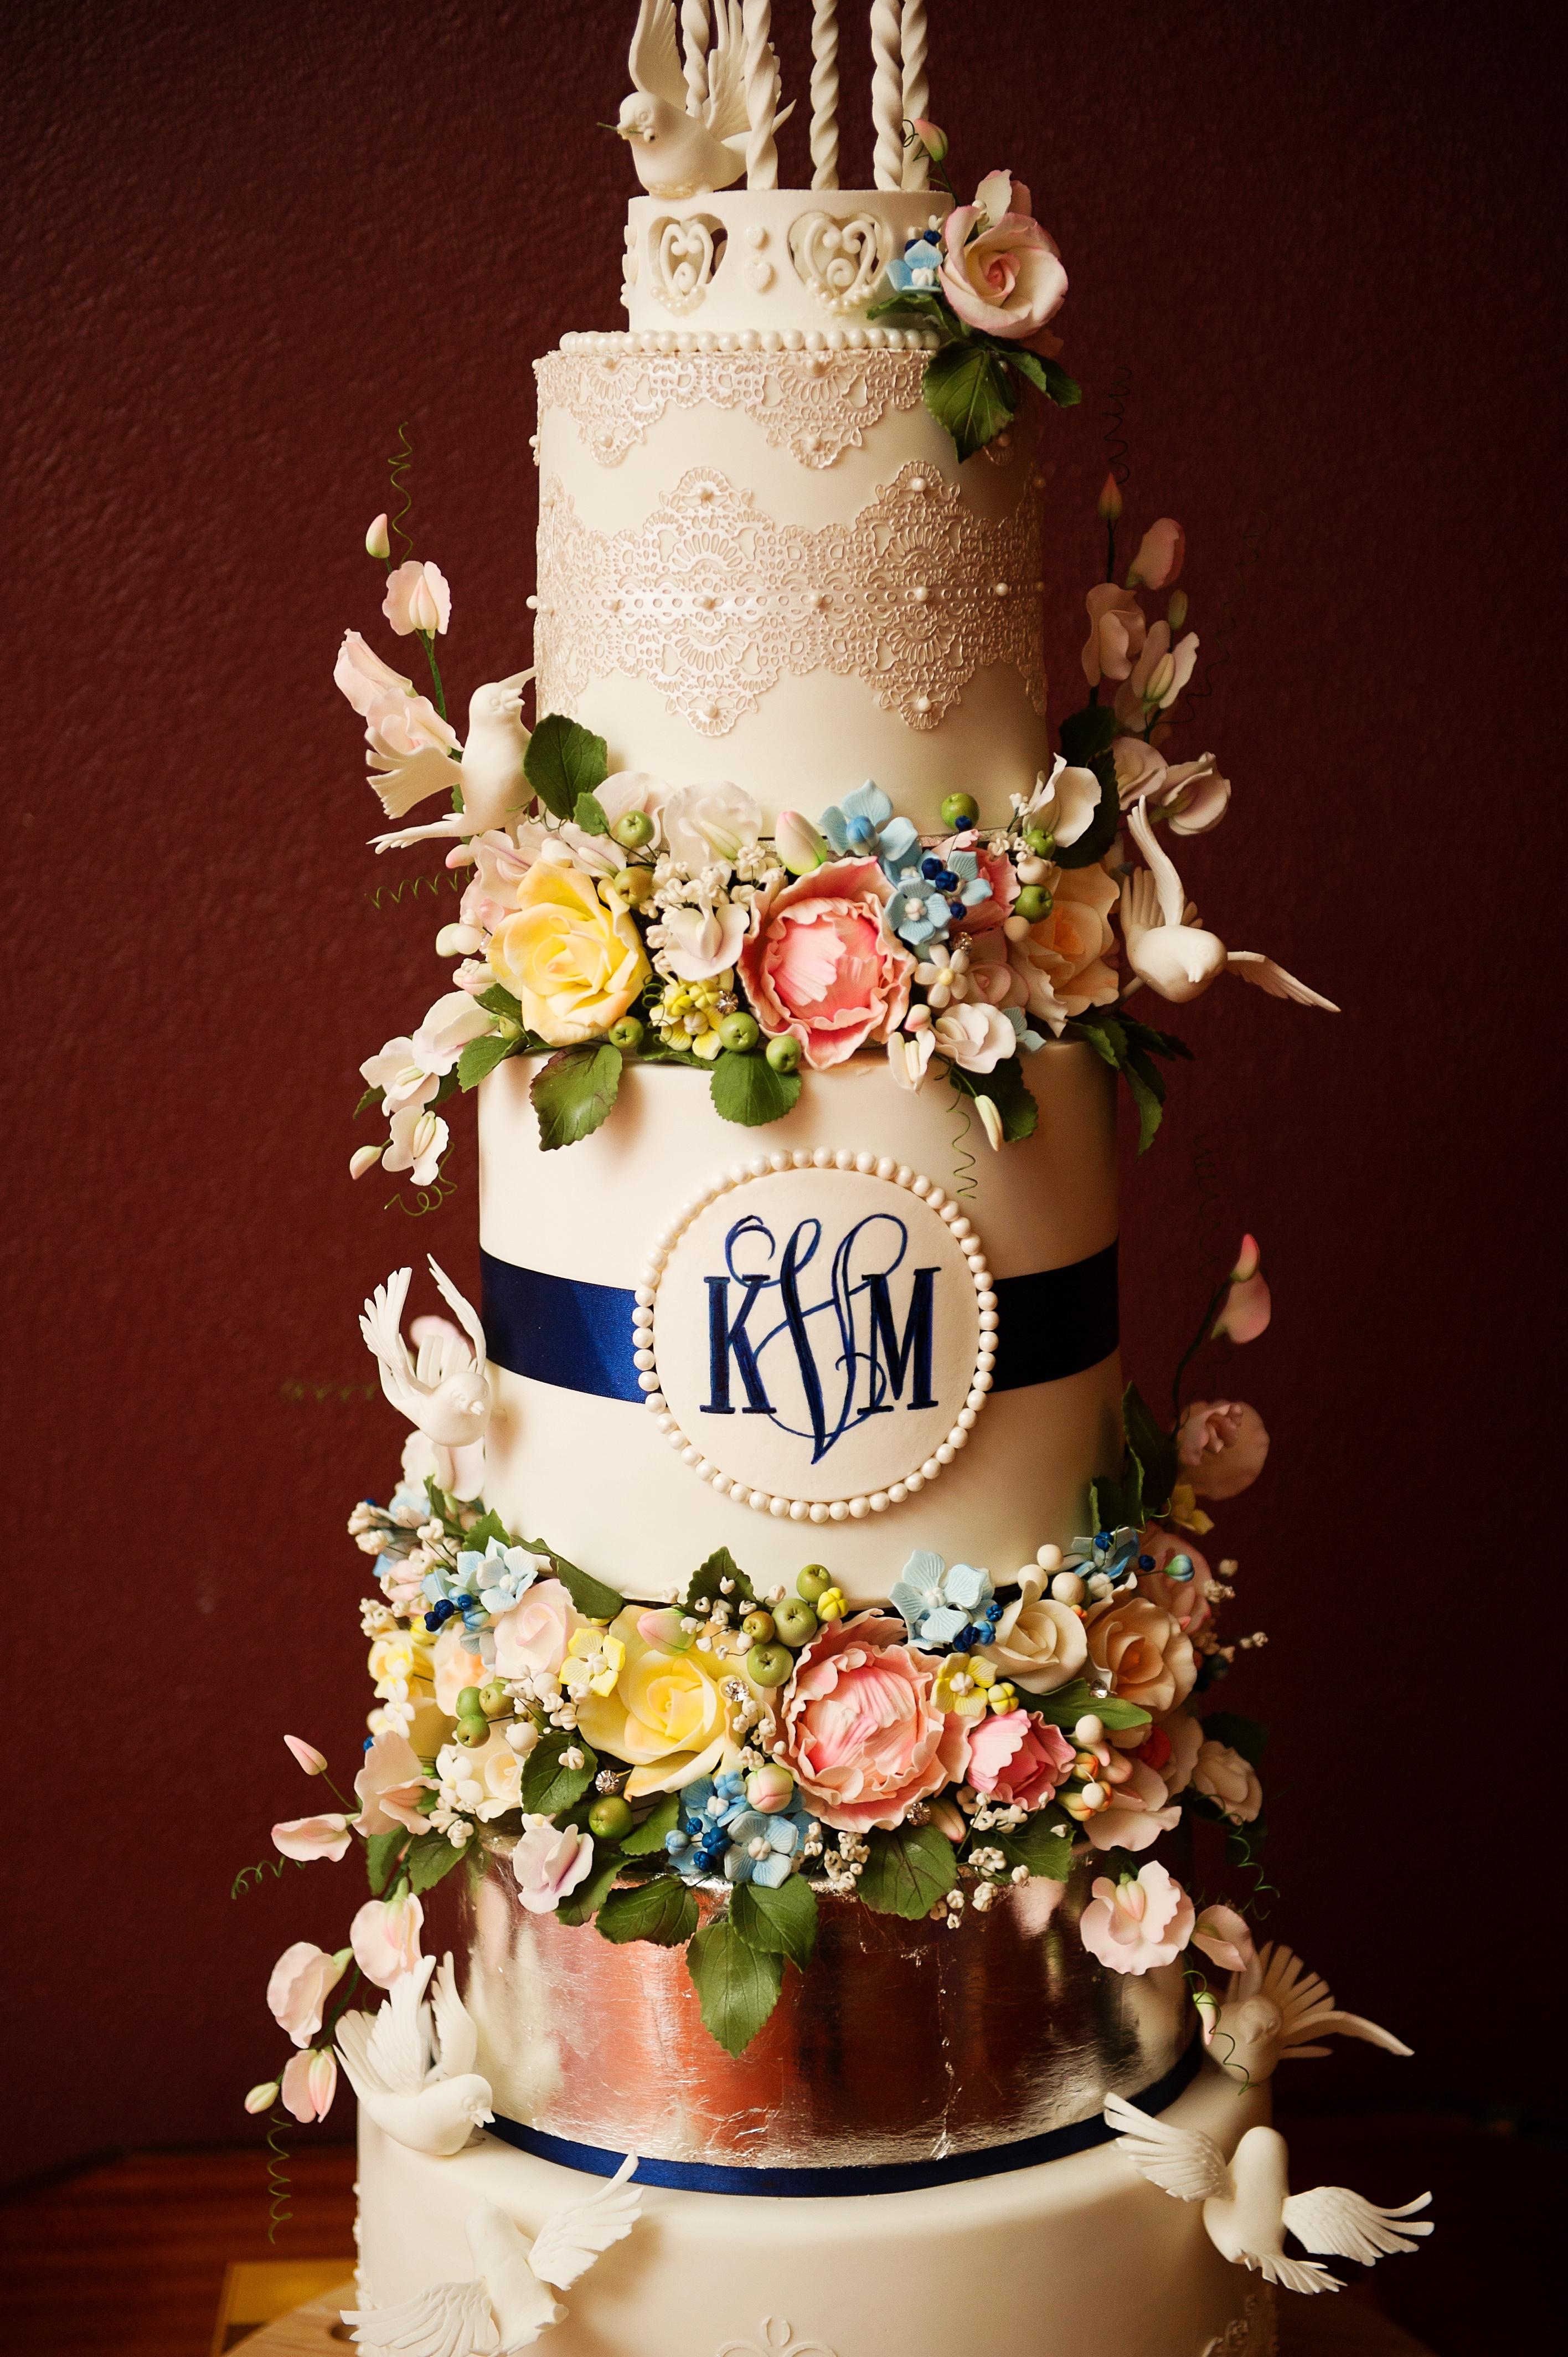 Gazebo and Doves Wedding Cake - Yeners Way